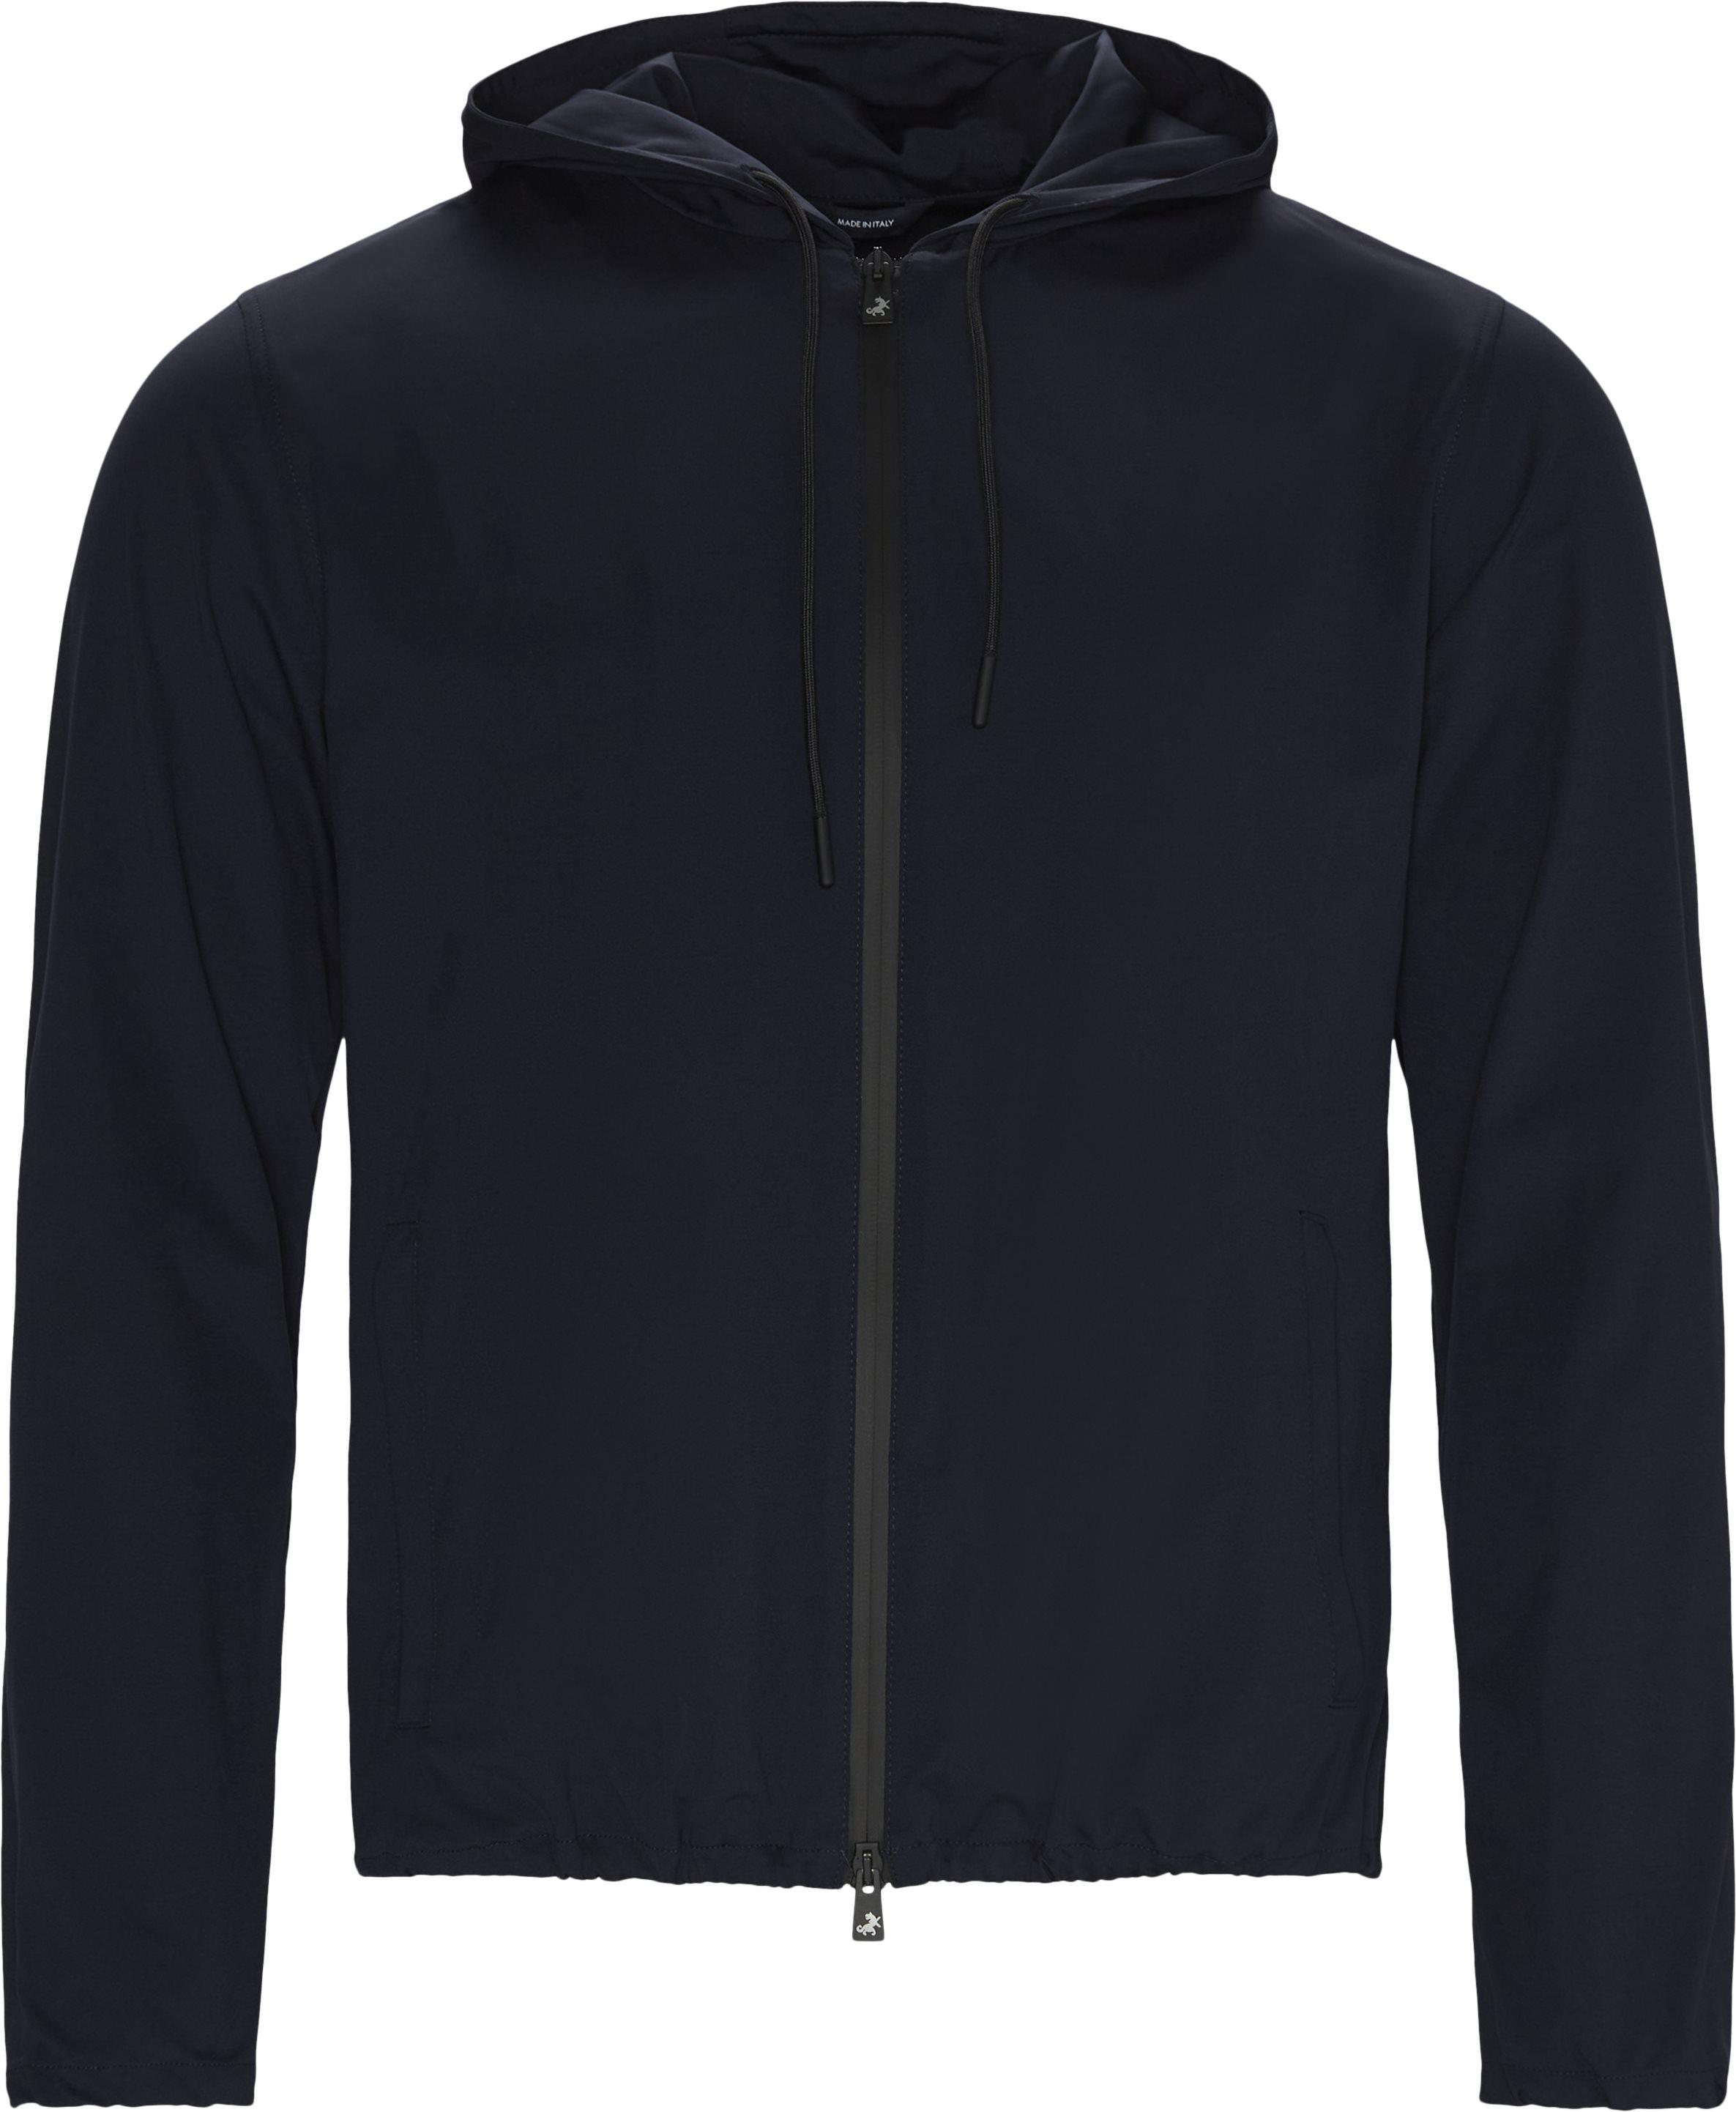 Zip sweatshirts - Regular fit - Blå